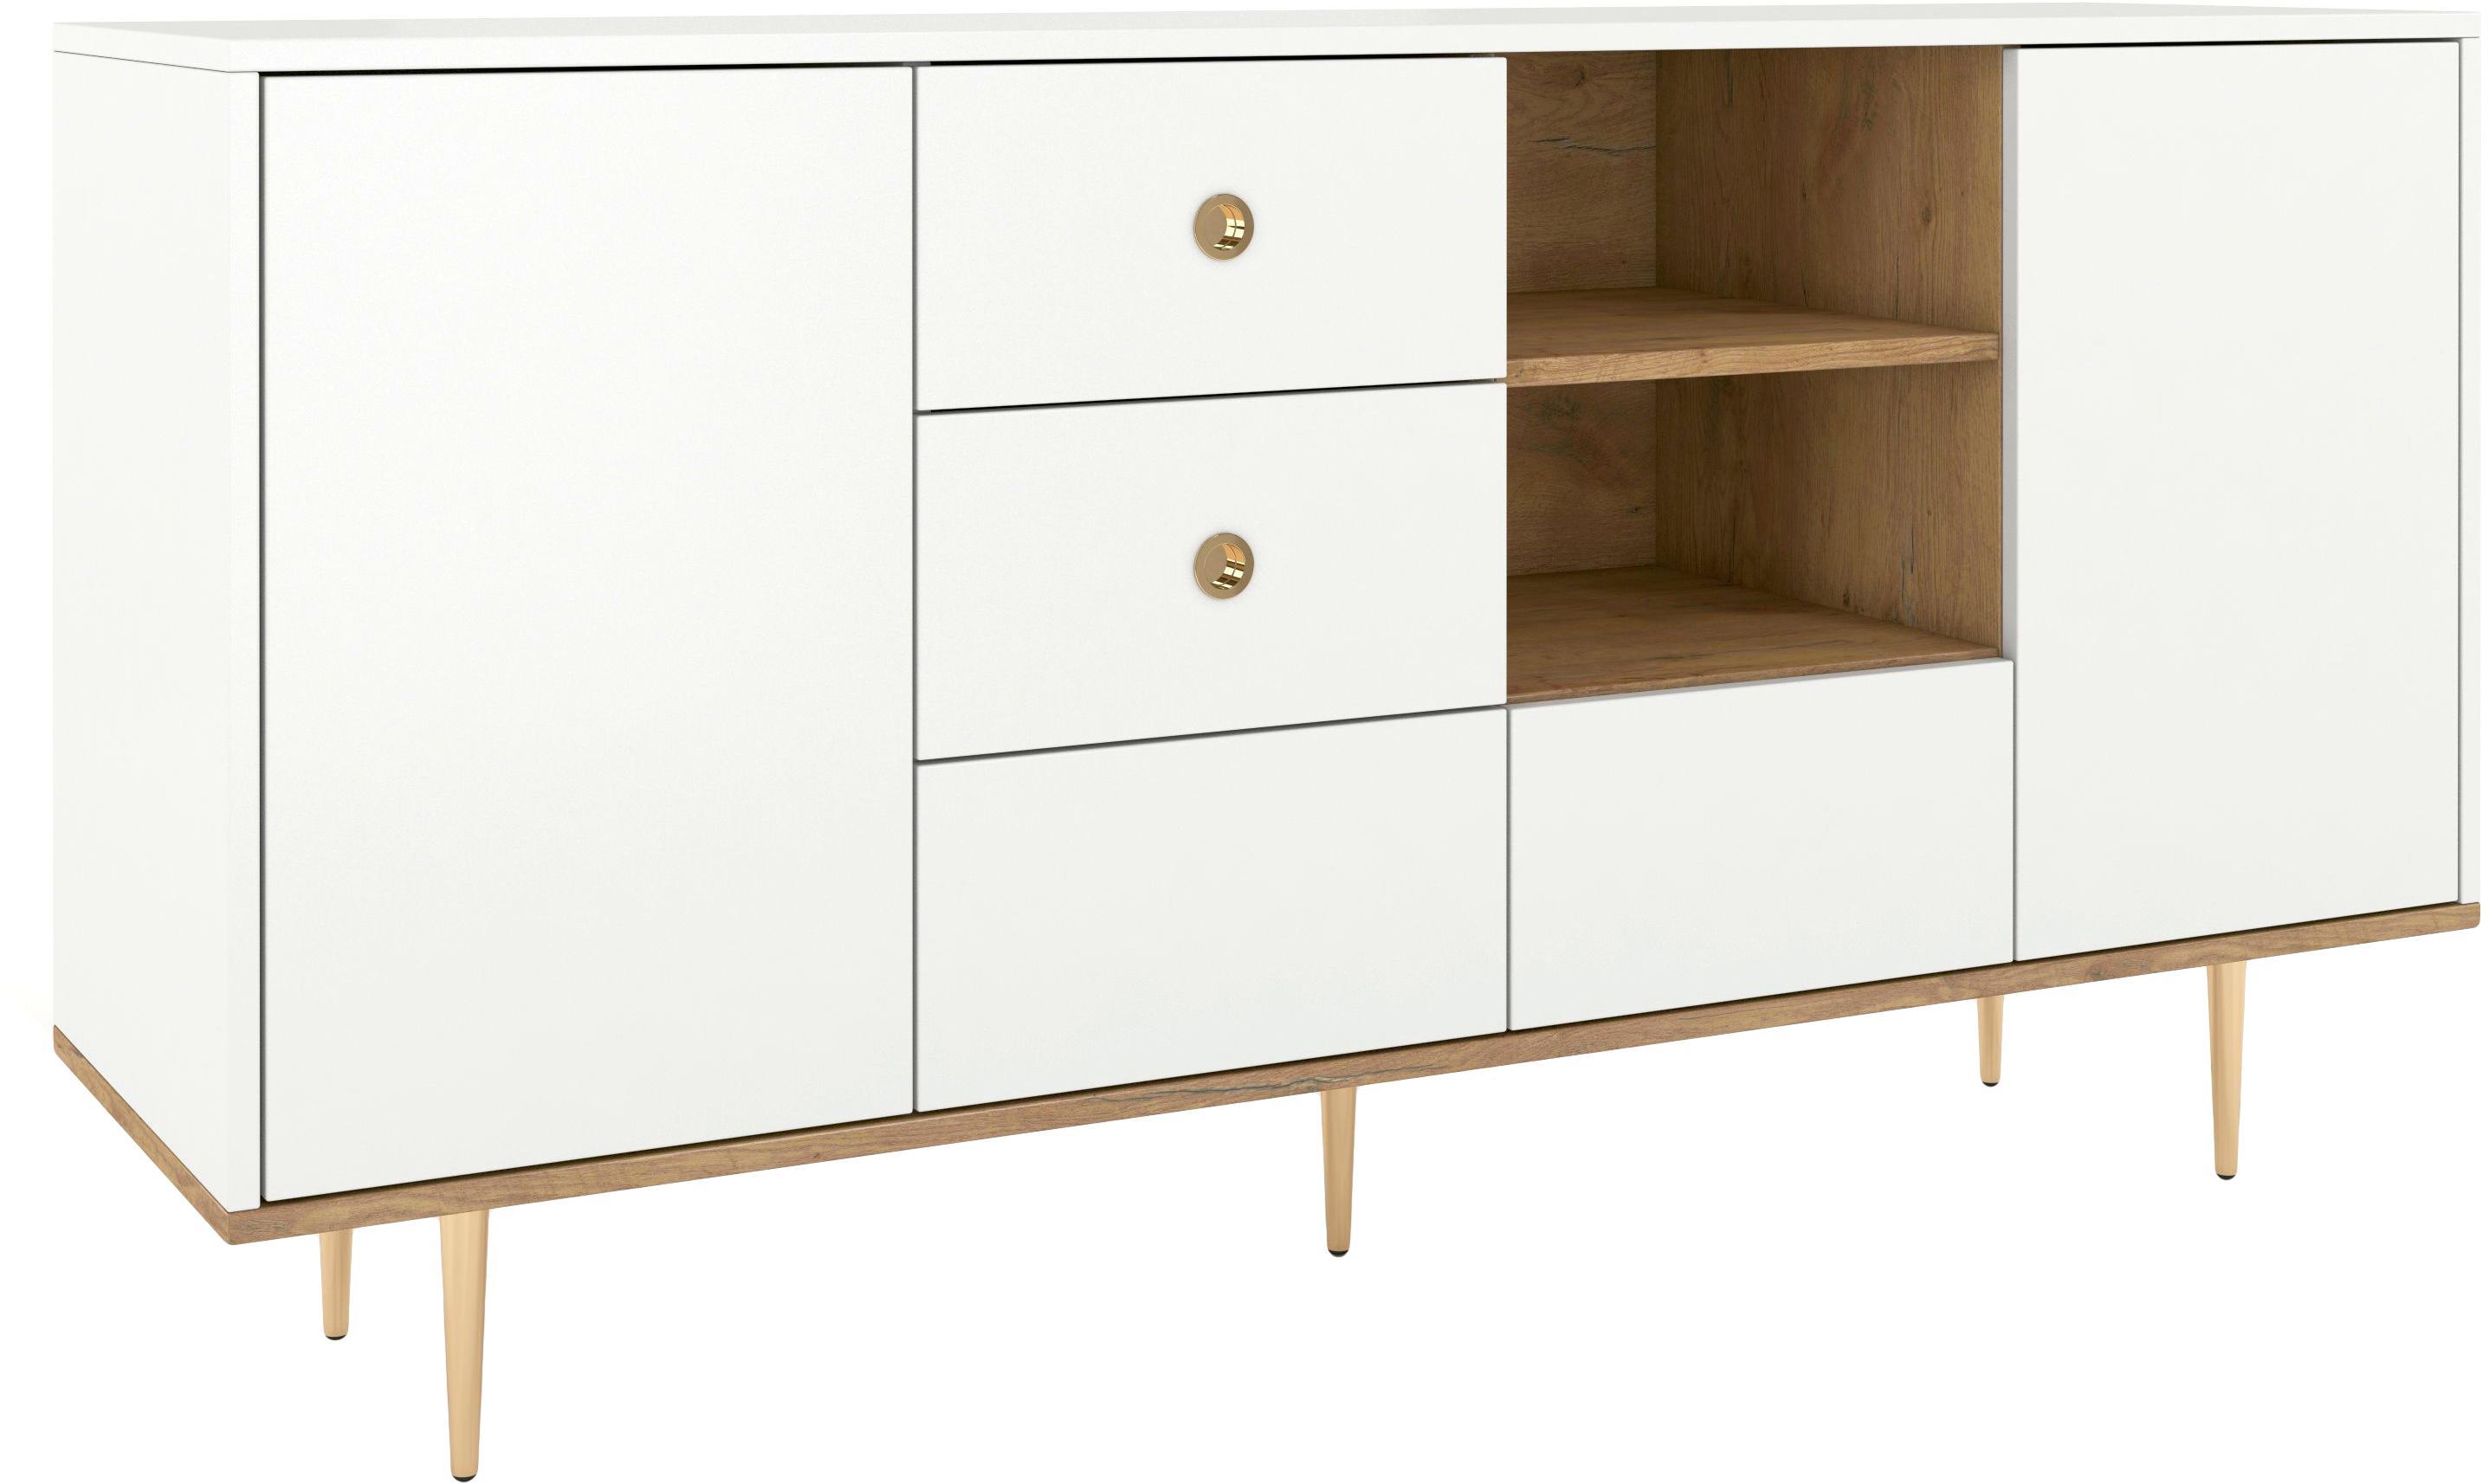 Sideboard Harmoni in Weiß, Korpus: Hochdichte Holzfaserplatt, Weiß, 160 x 83 cm